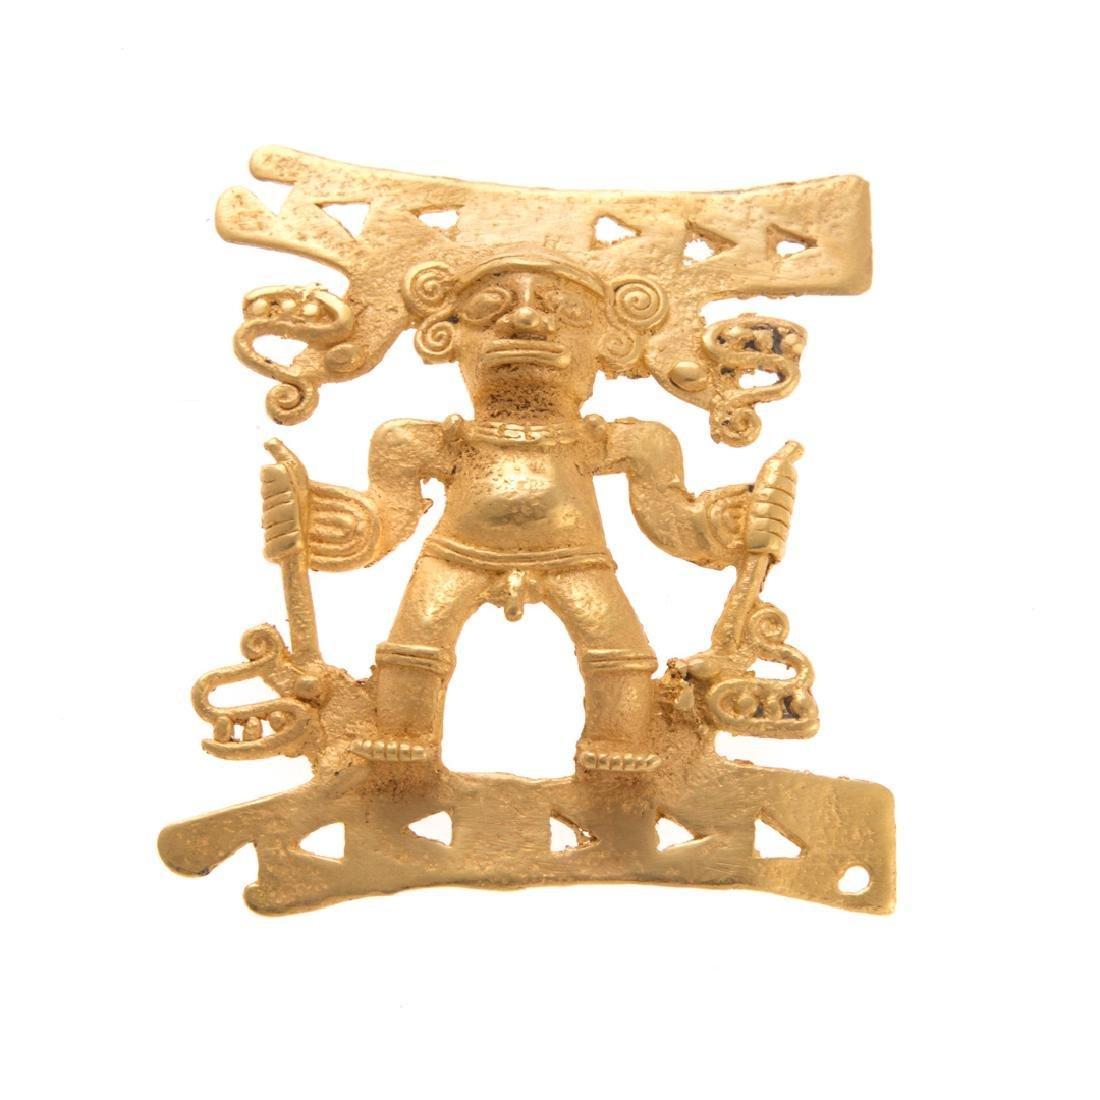 A Pre-Columbian Man Pendant, 22K, 68.2 grams